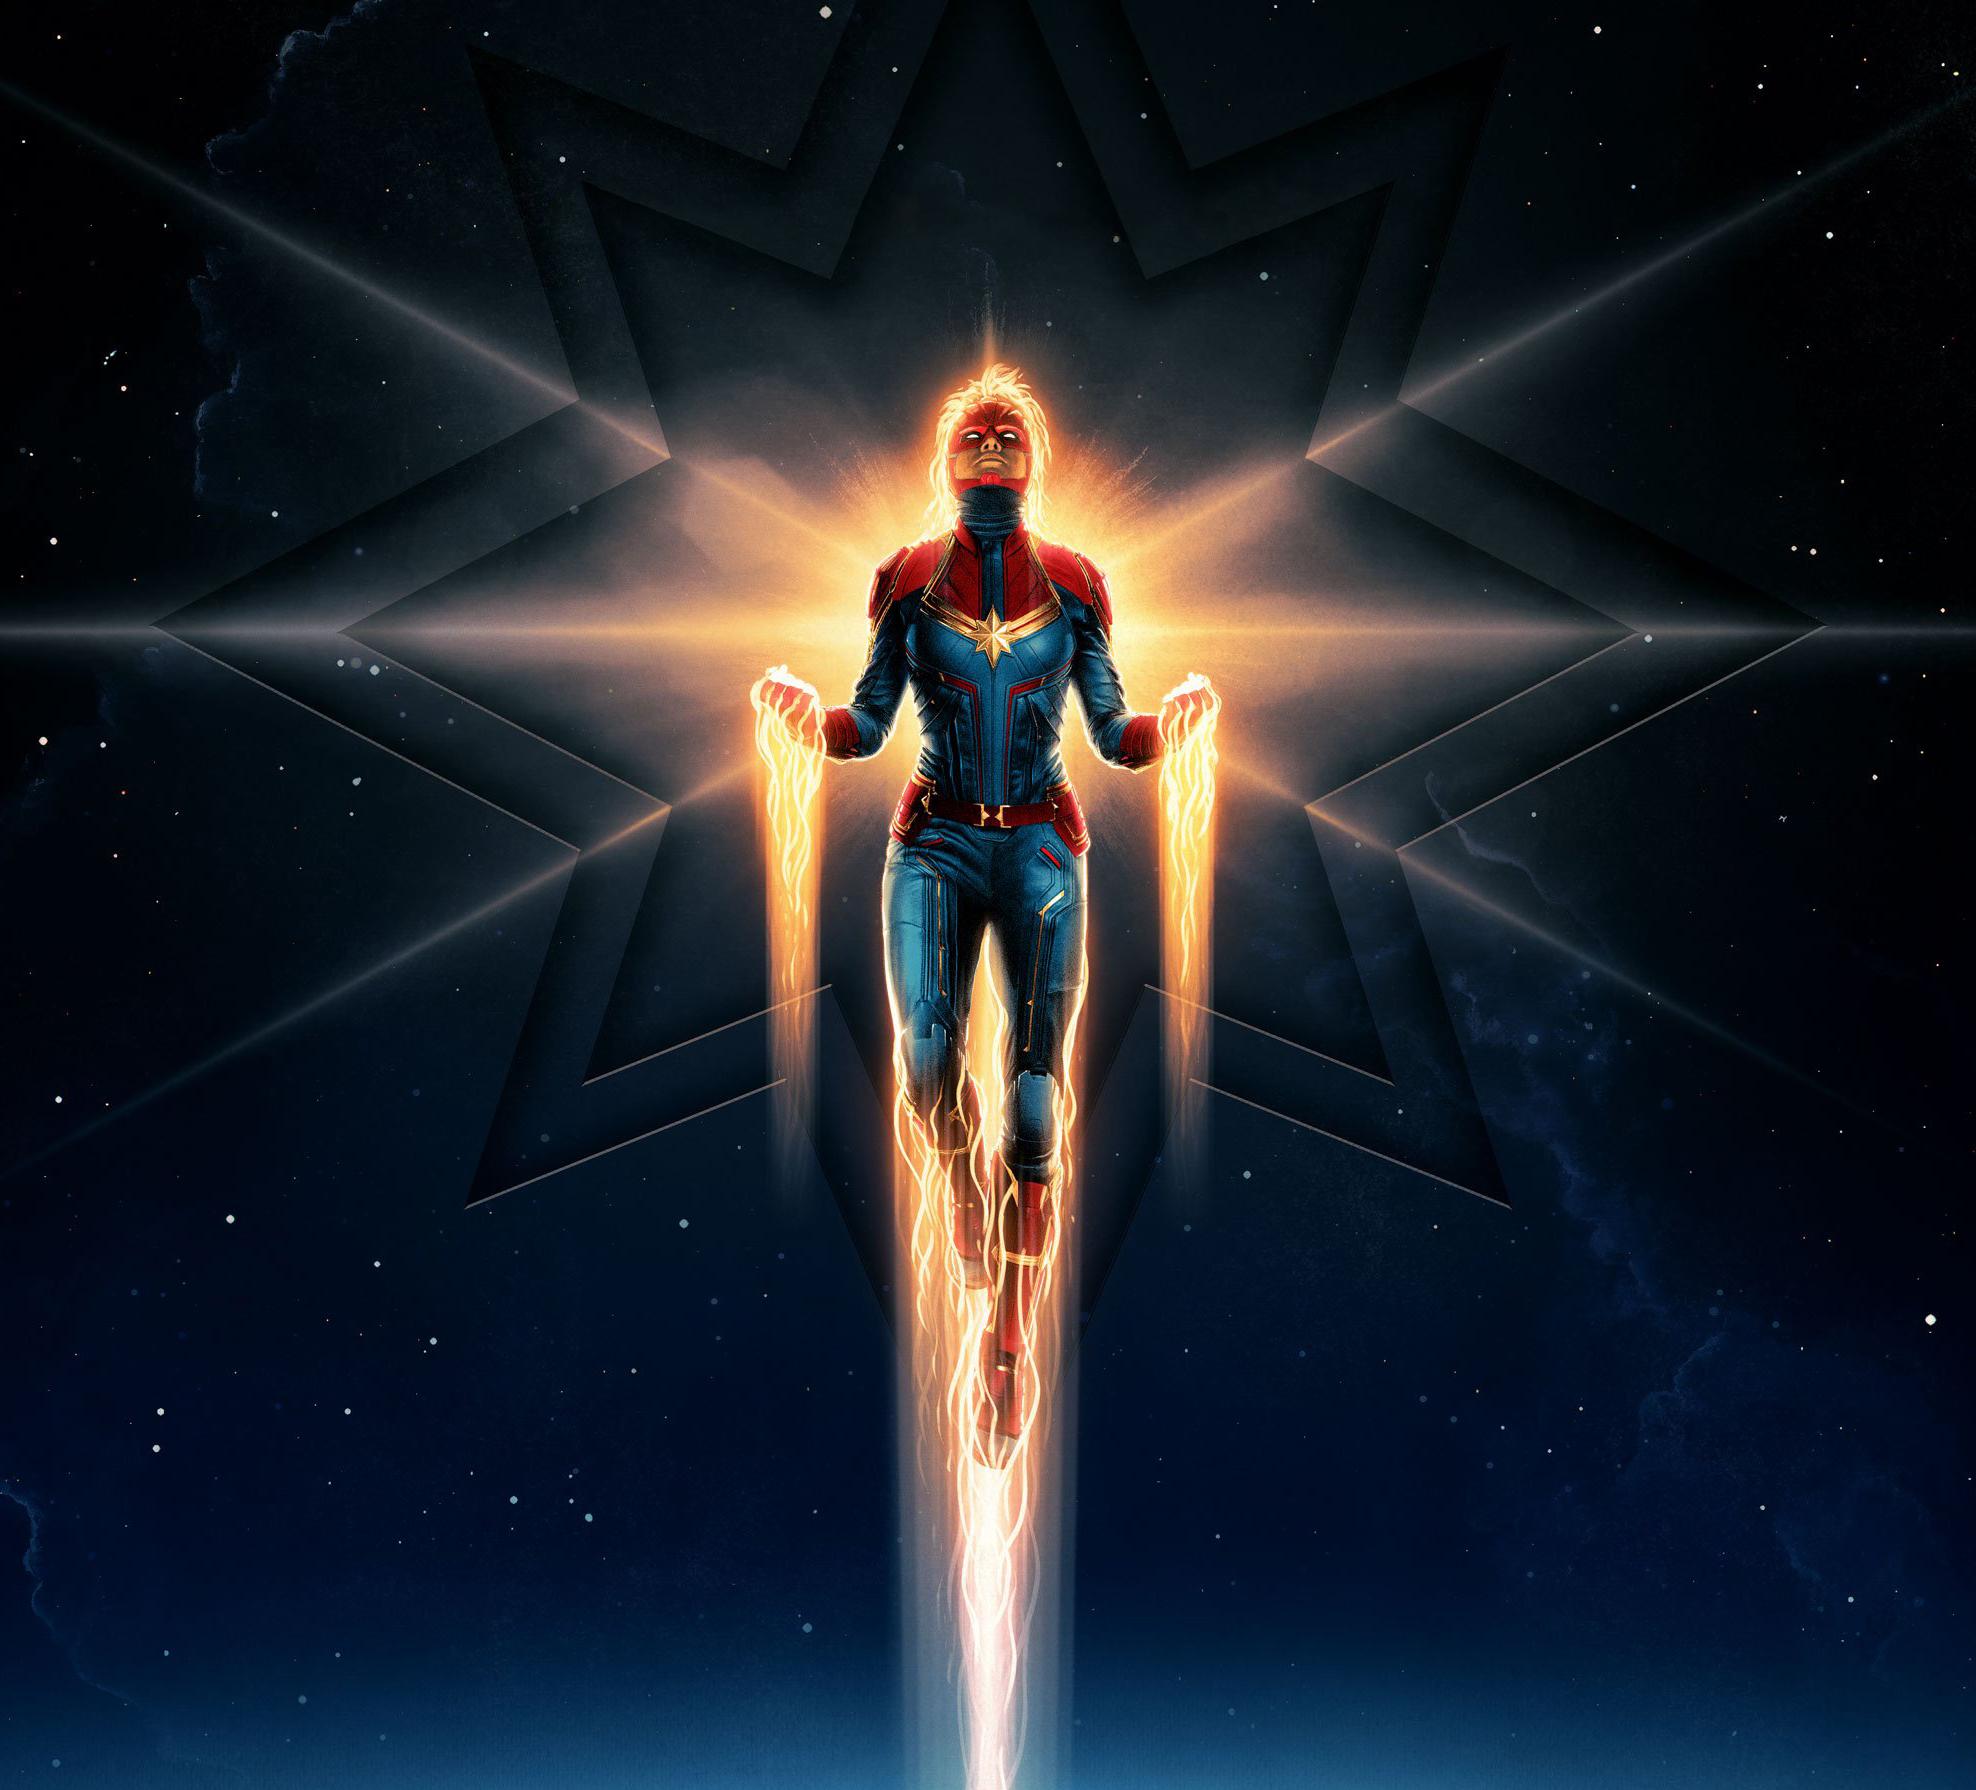 Captain Marvel Movie 2019 Wallpaper, HD Movies 4K ...